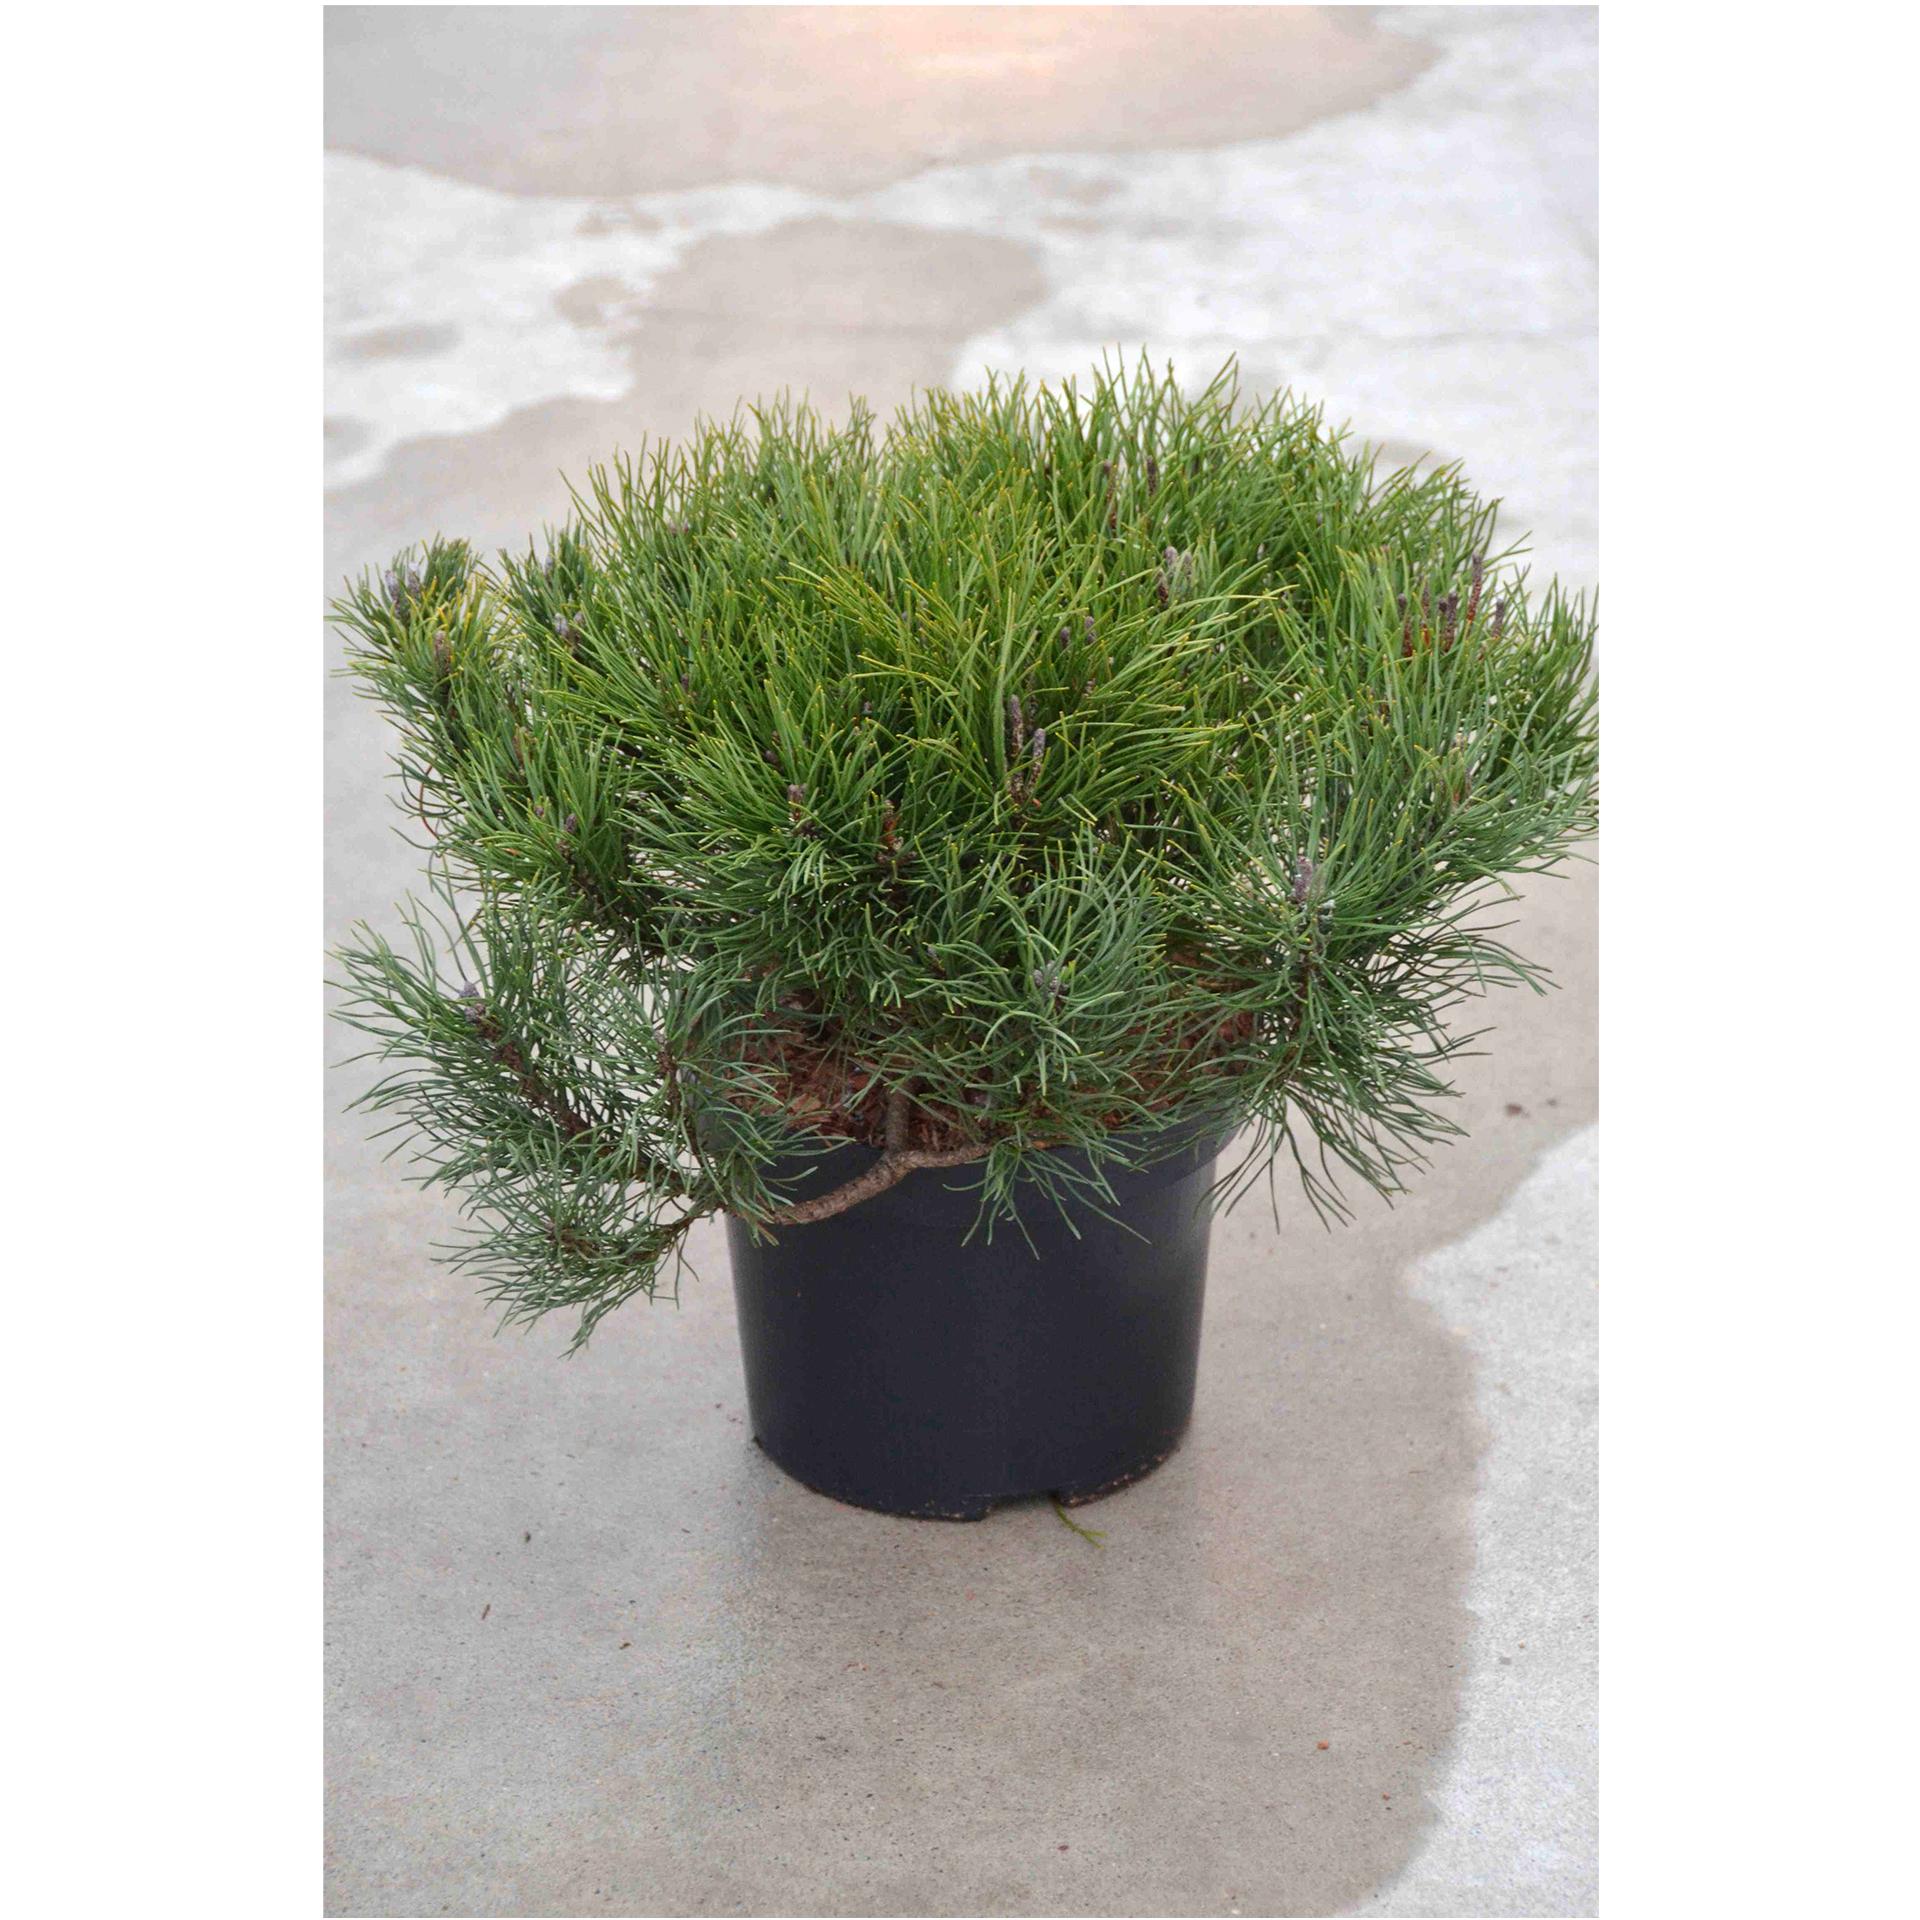 Zwergkiefer - Pinus mugo mughus, 25-30cm